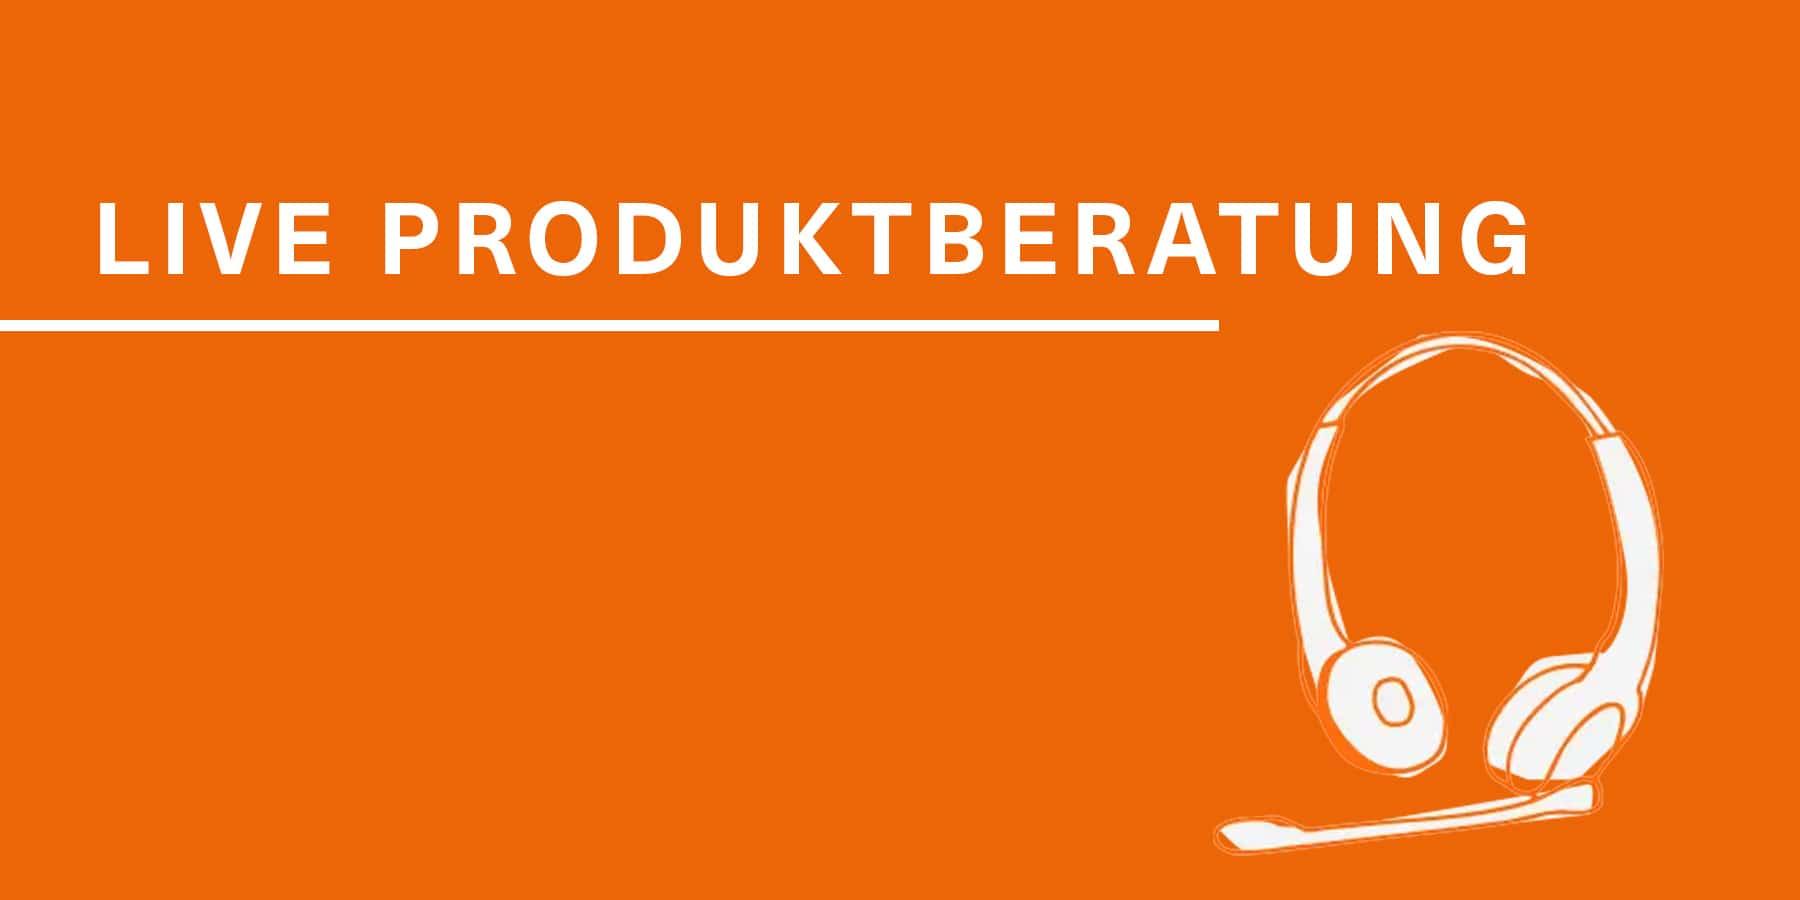 PREMO_Live_Produktberatung